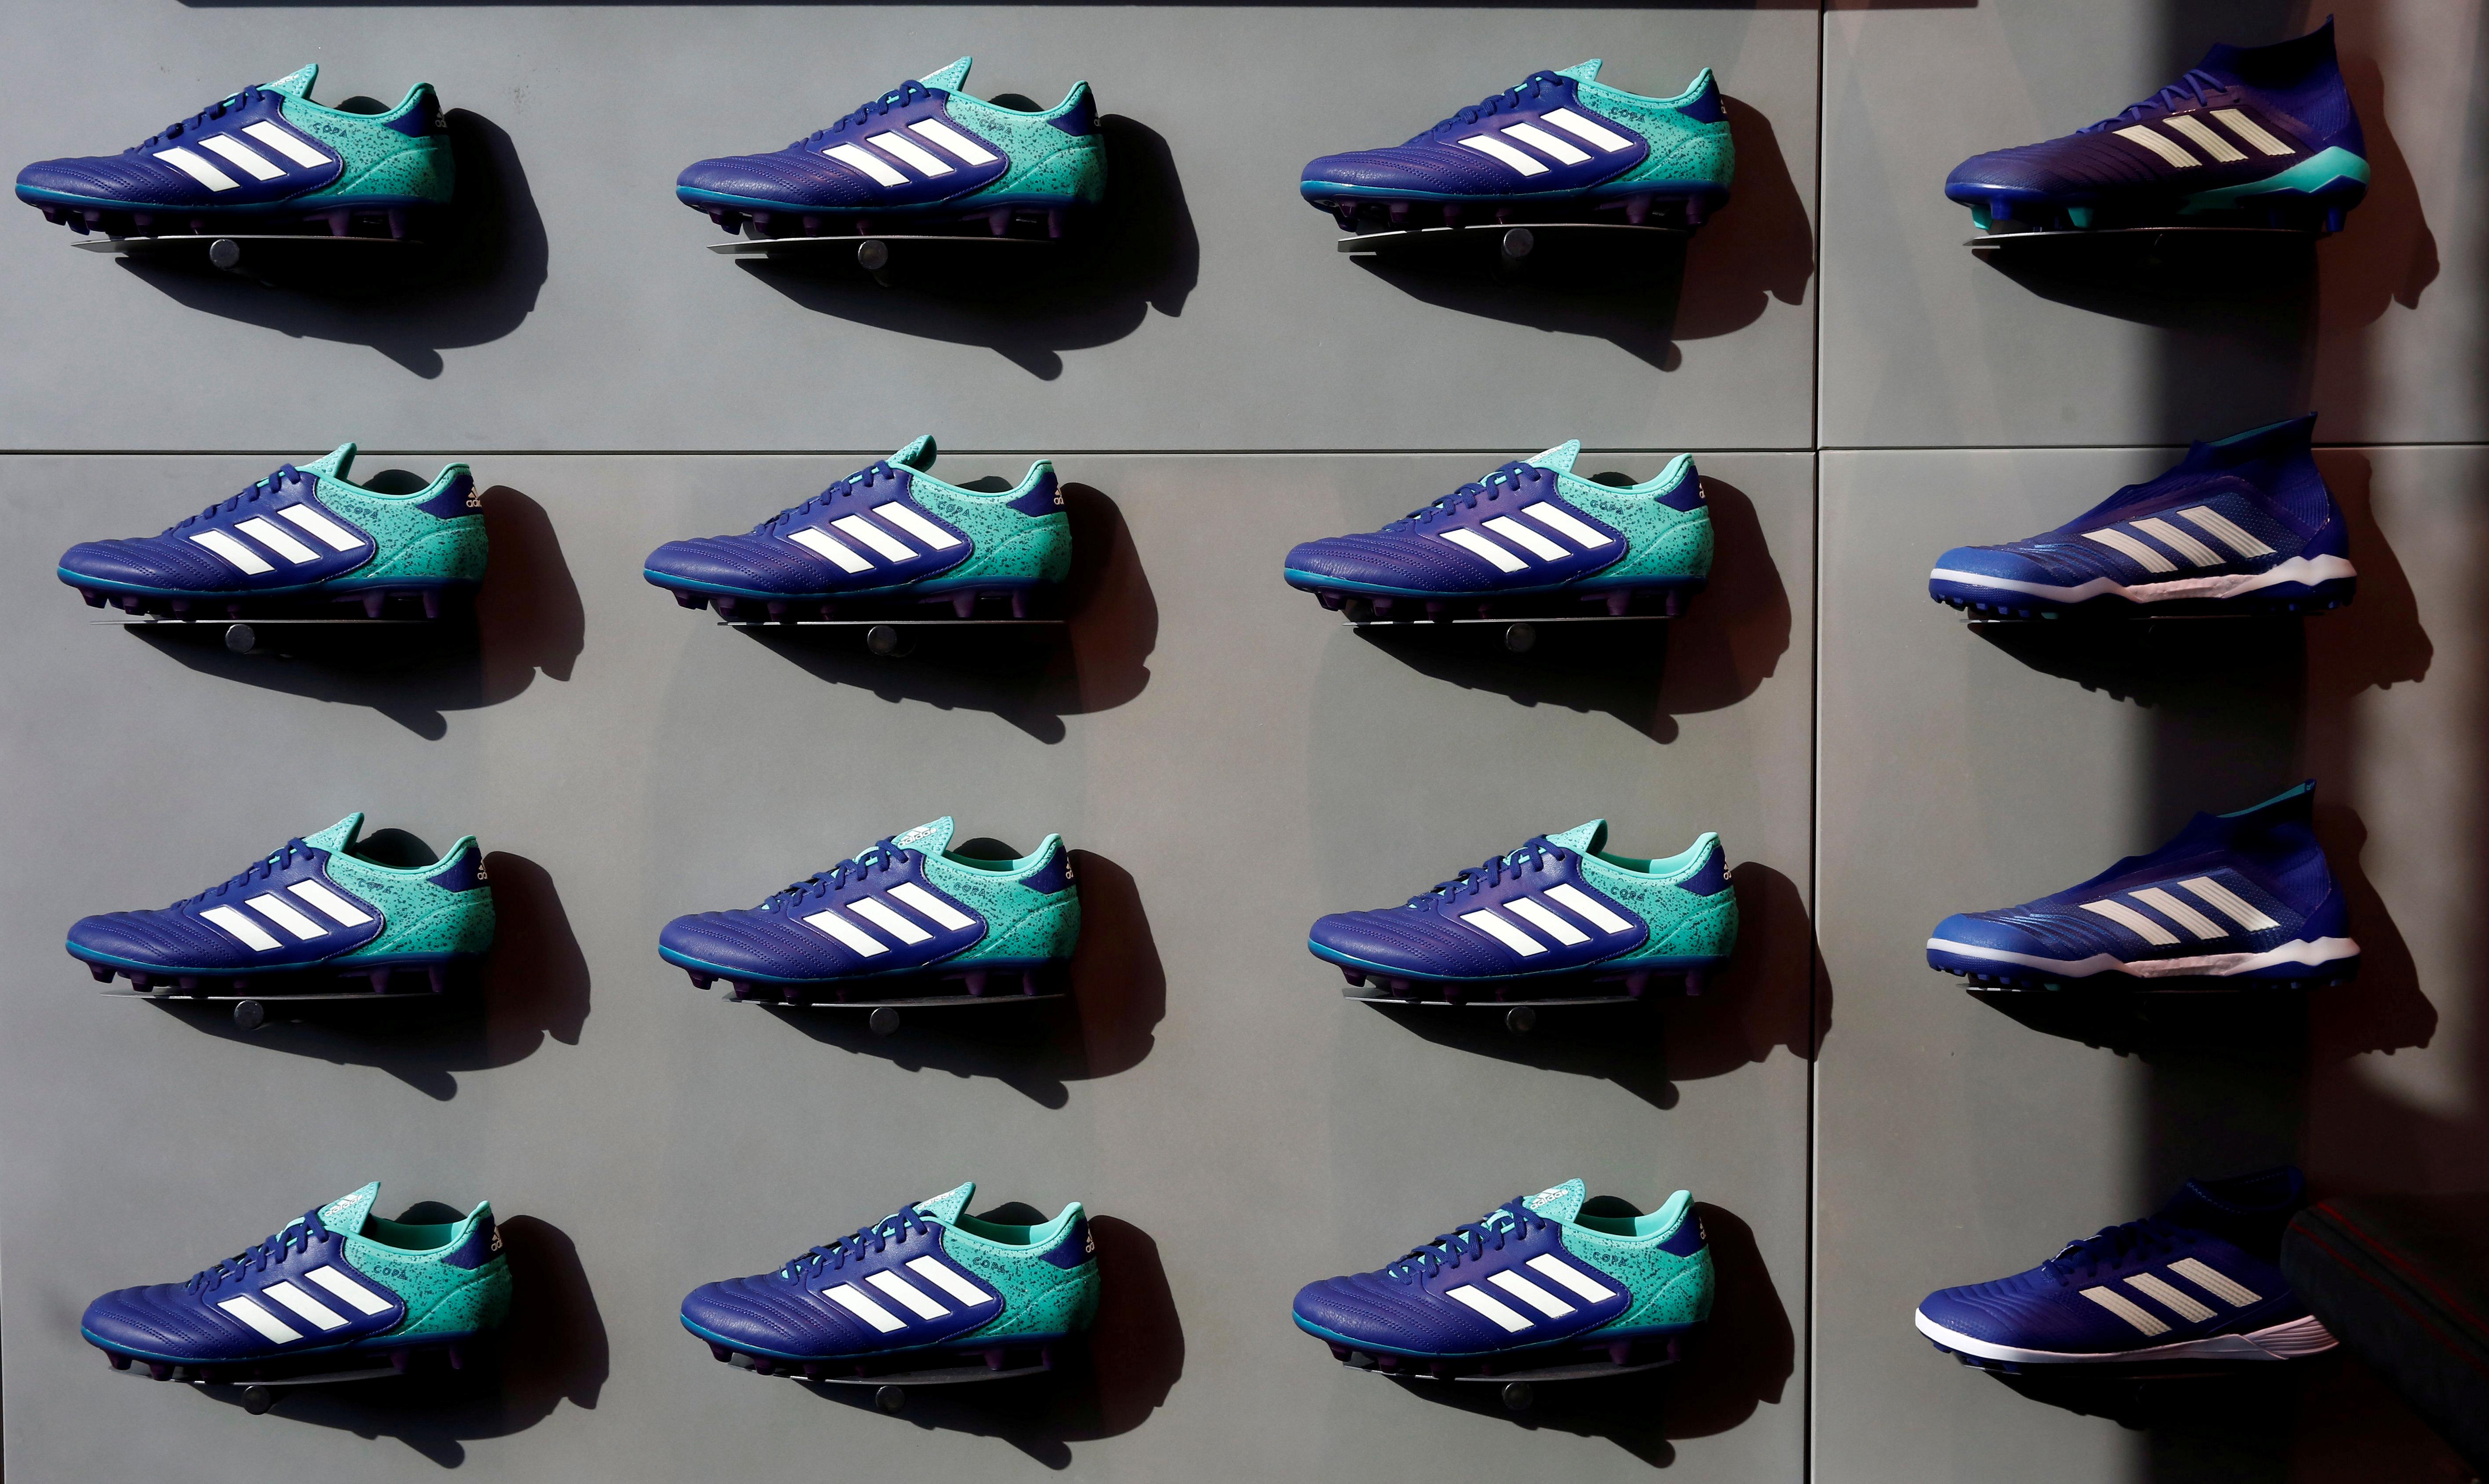 Eliminar metal después de esto  Adidas pierde una batalla judicial por el uso de las tres rayas | Business  Insider España